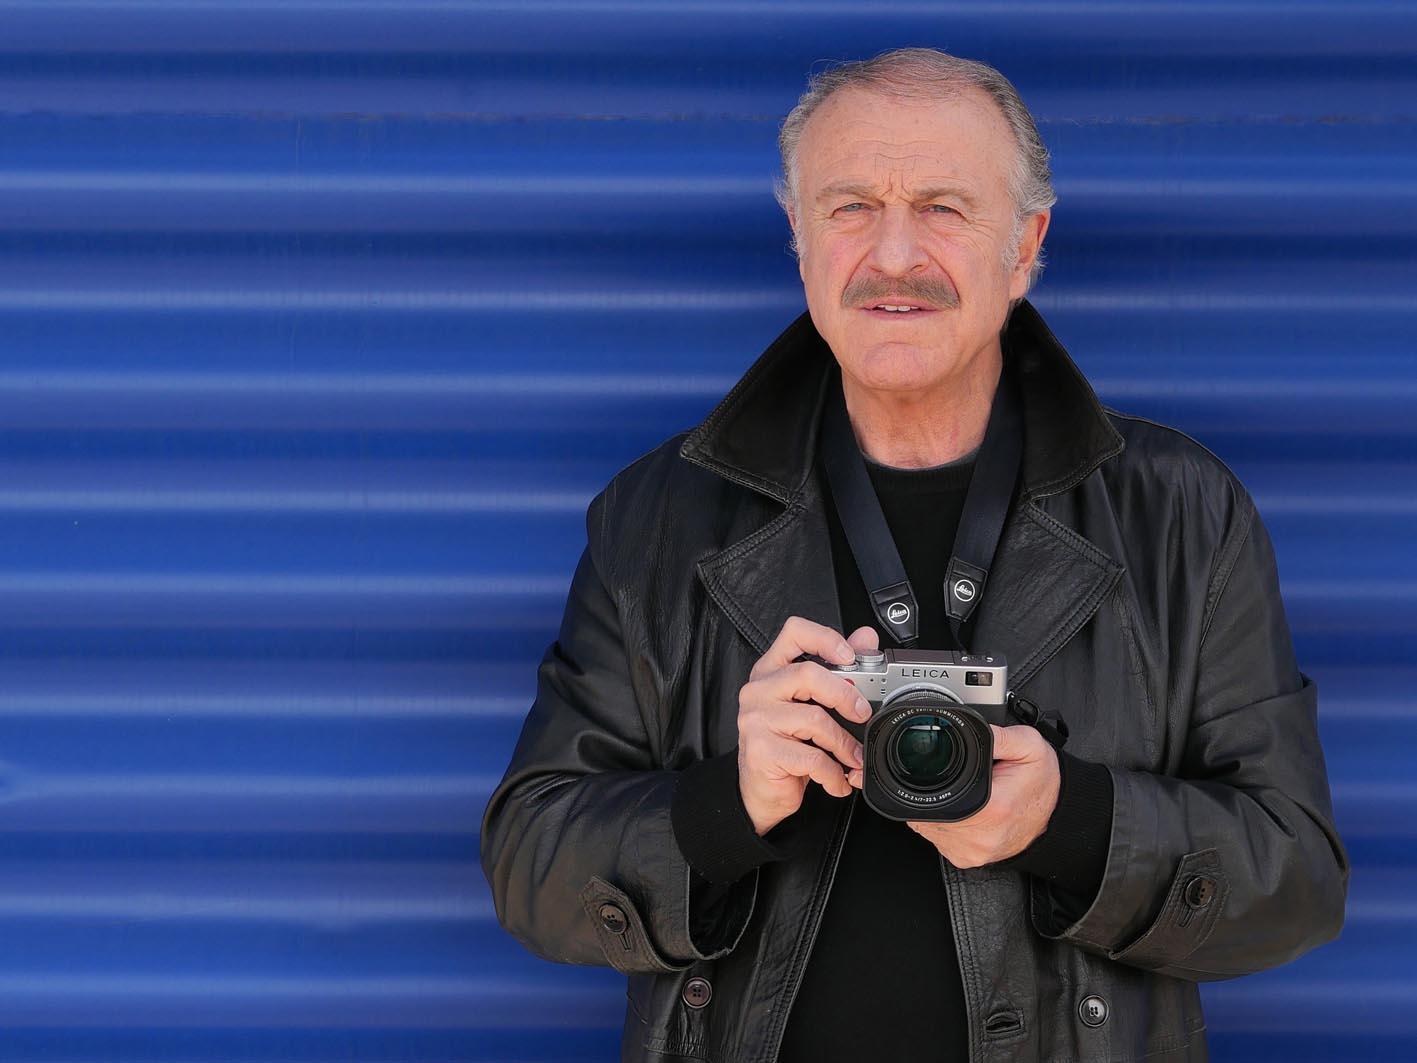 Un grande fotografo: Augusto De Luca, racconta la sua conversione